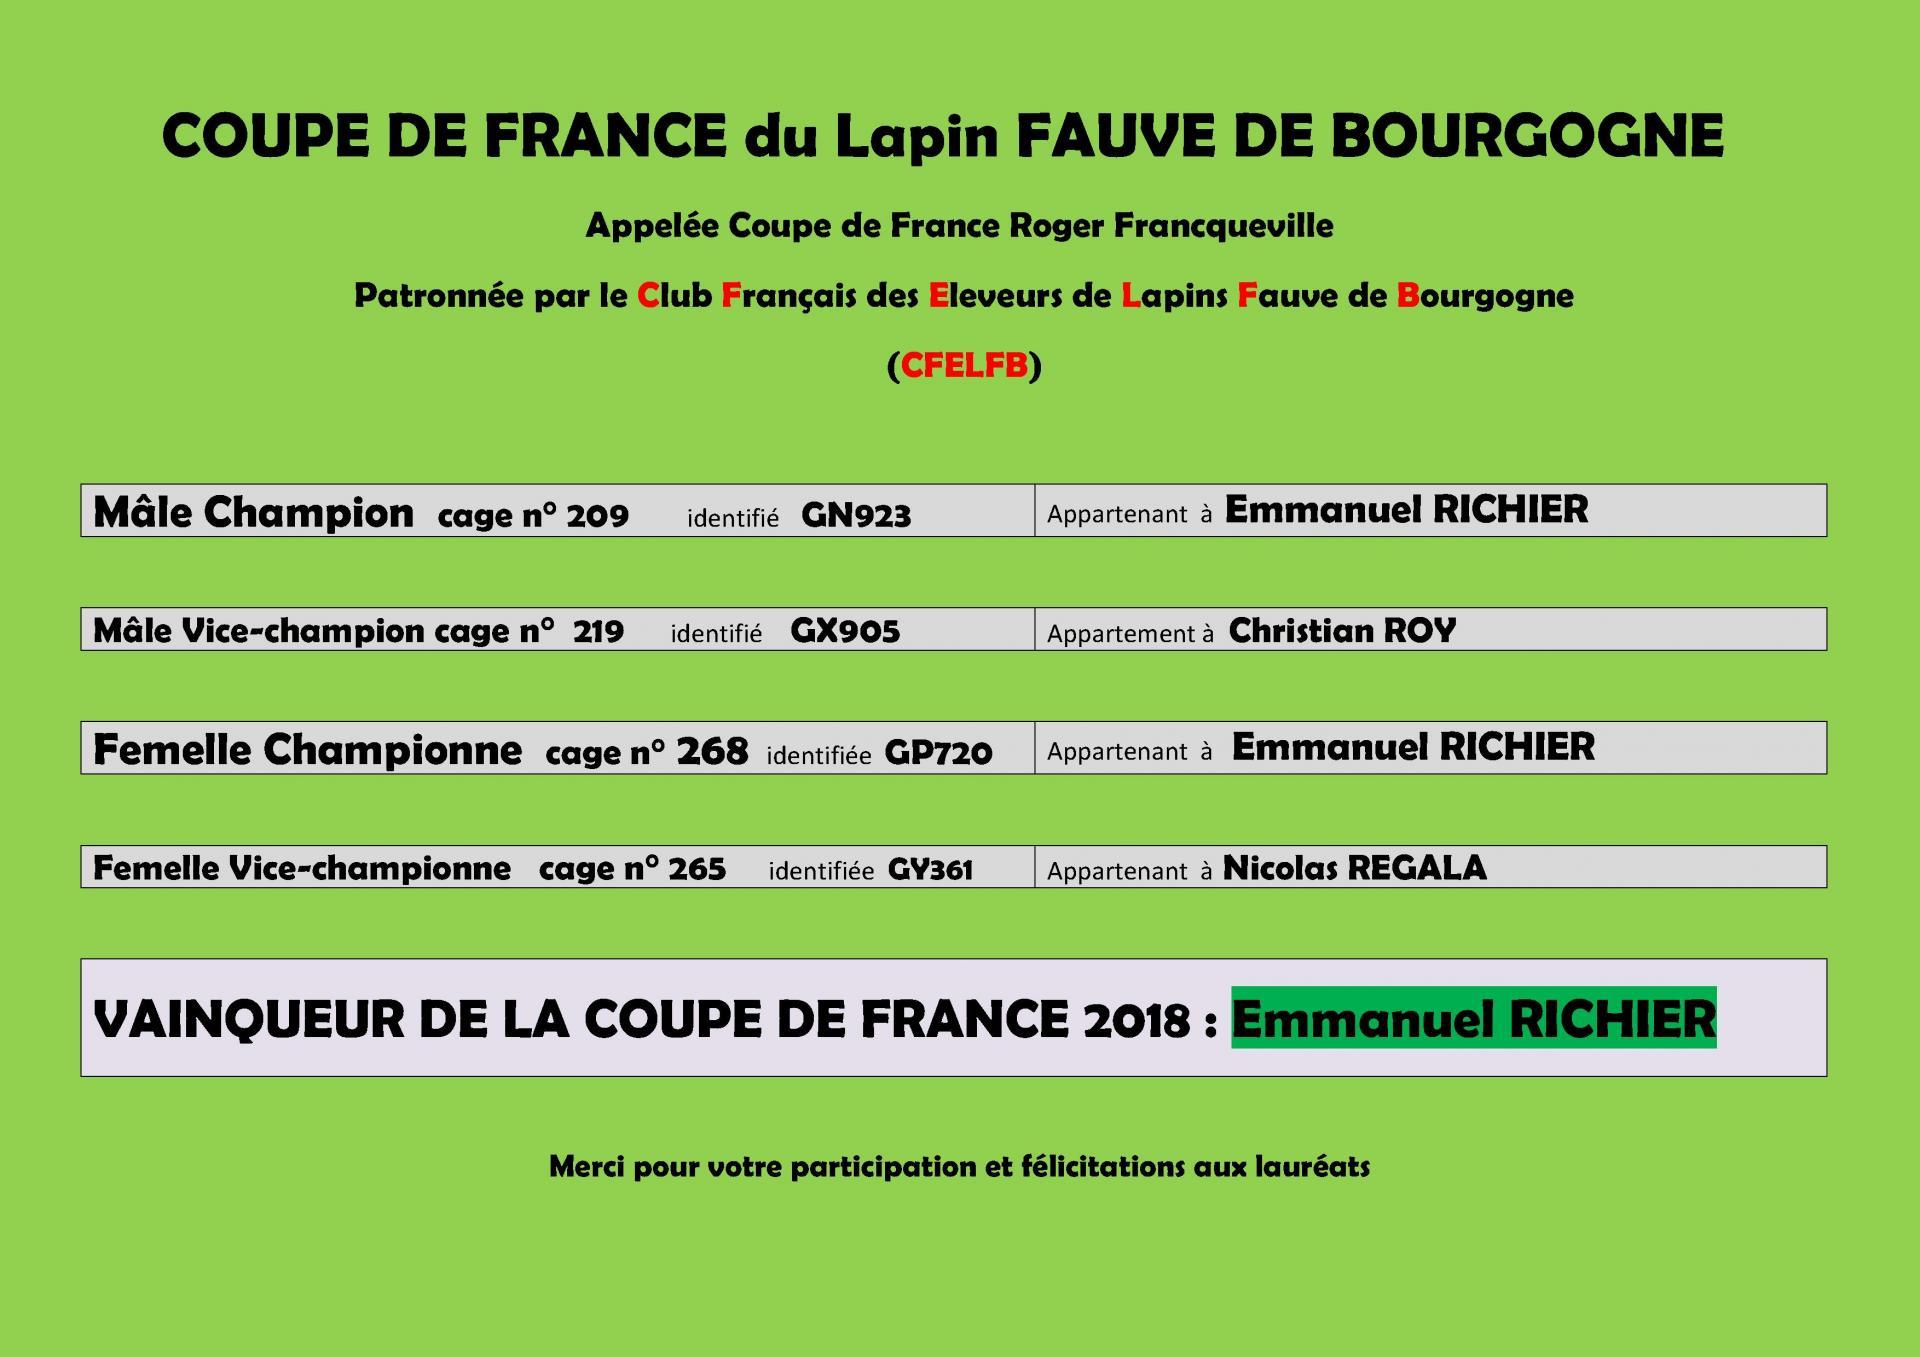 Resultats coupe de france du lapin fauve de bourgogne 2018